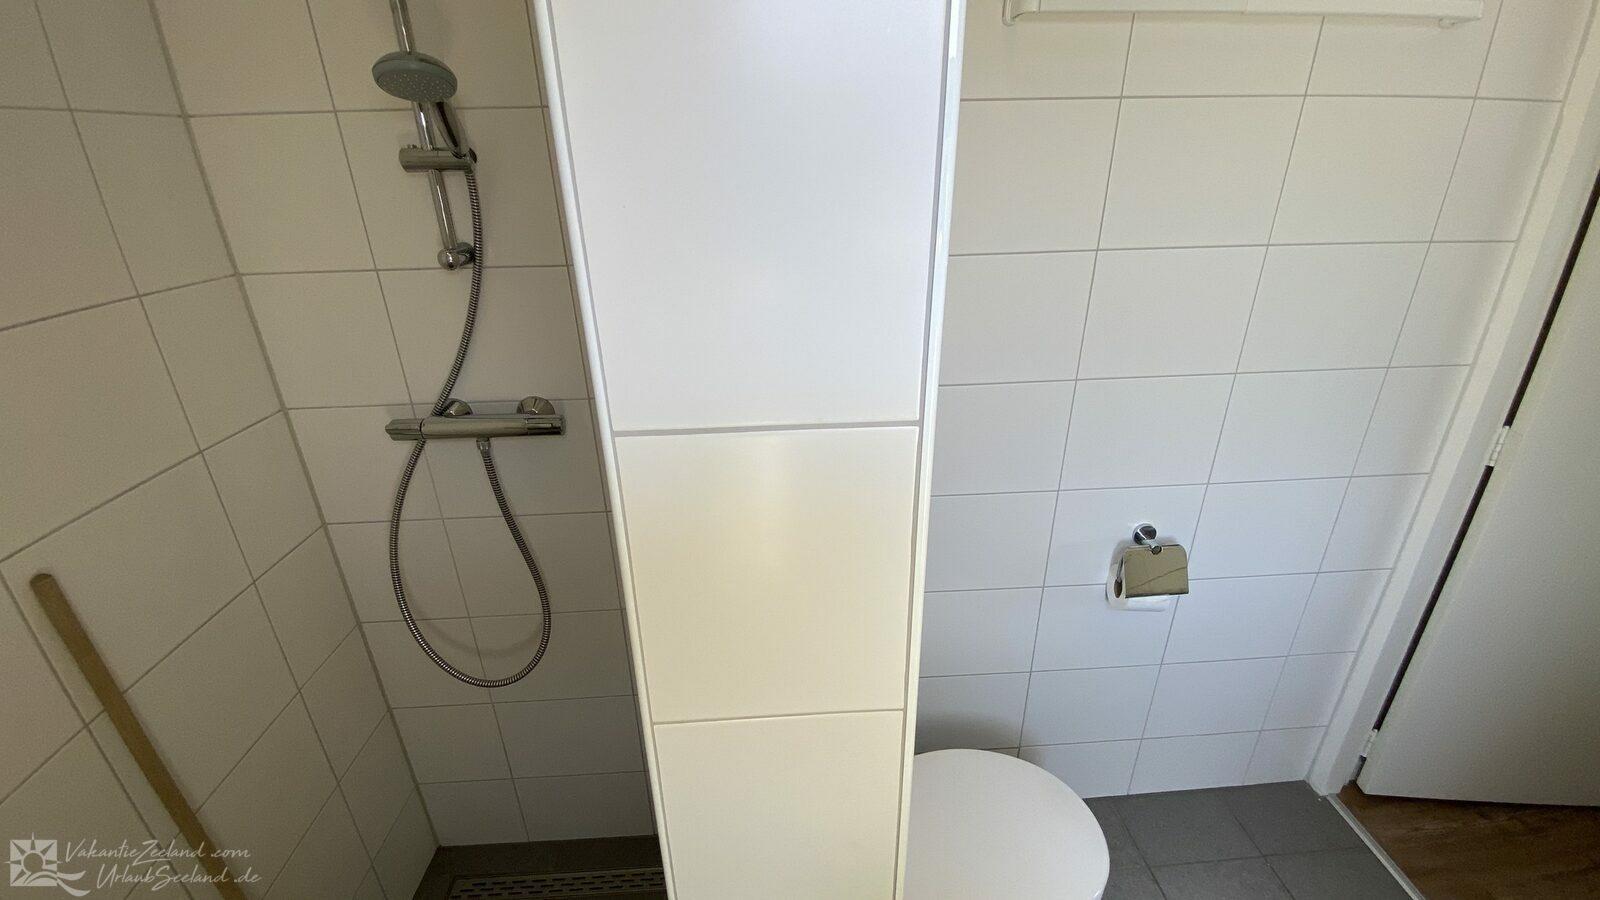 VZ1005  Holiday home in Serooskerke